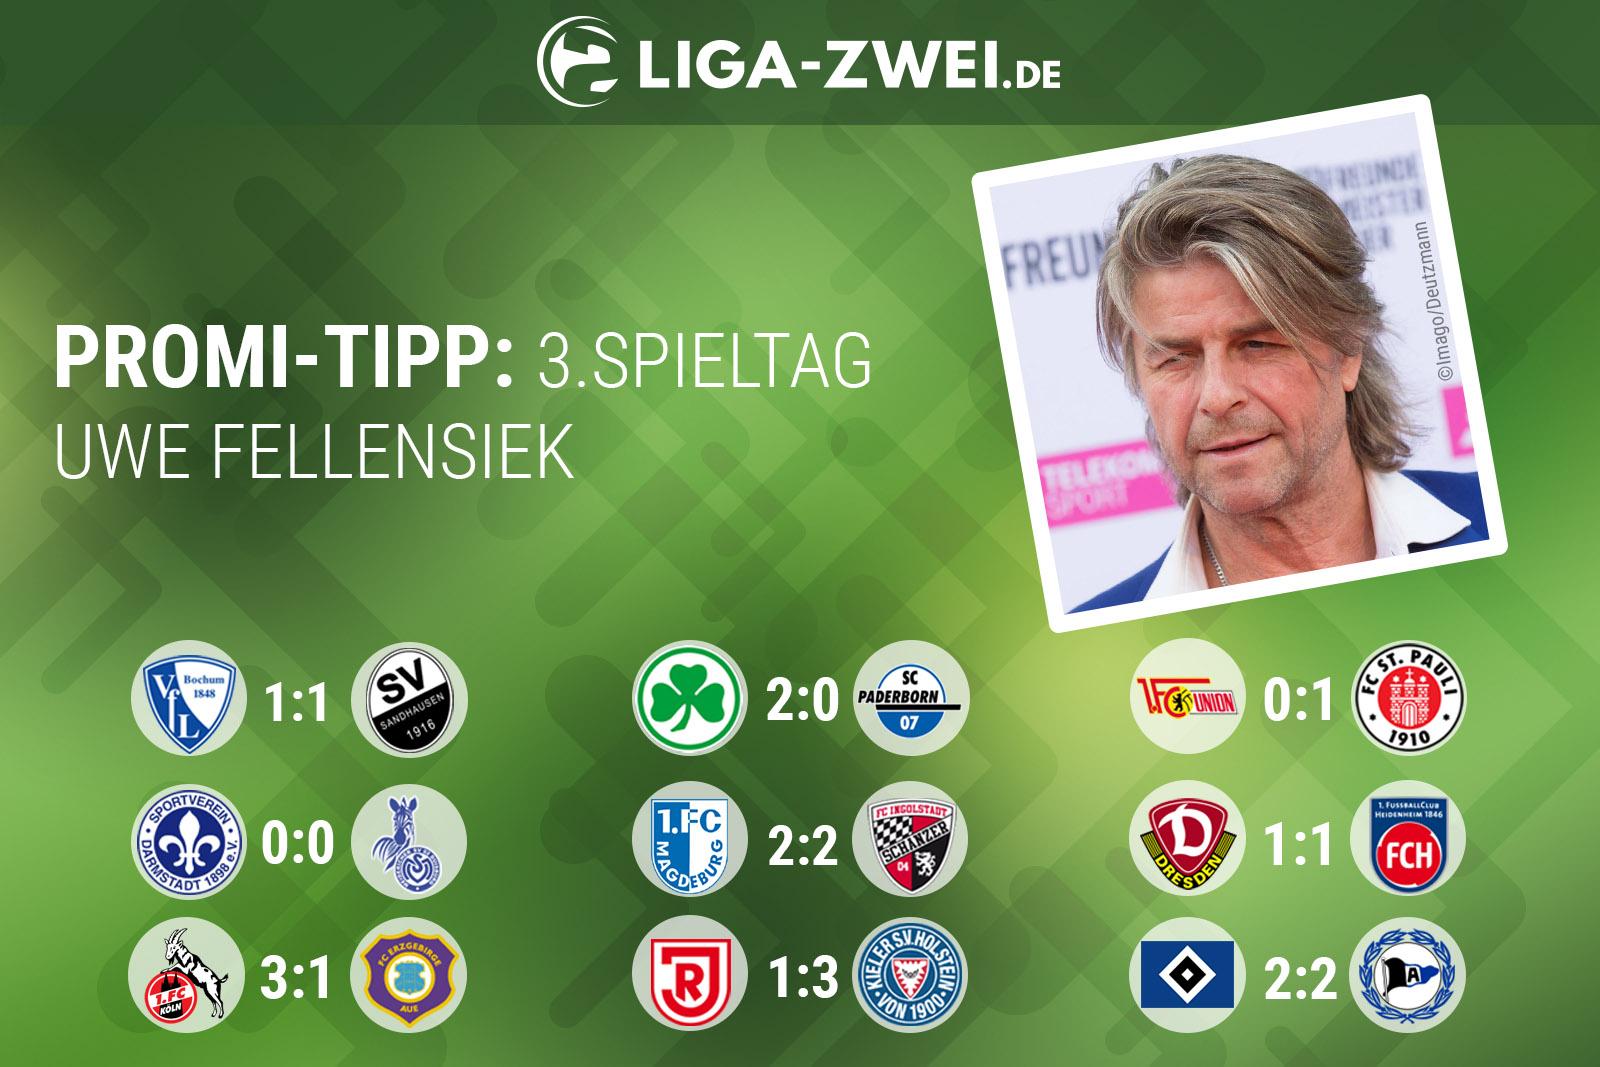 Uwe Fellensiek beim Liga-Zwei.de Promi-Tipp